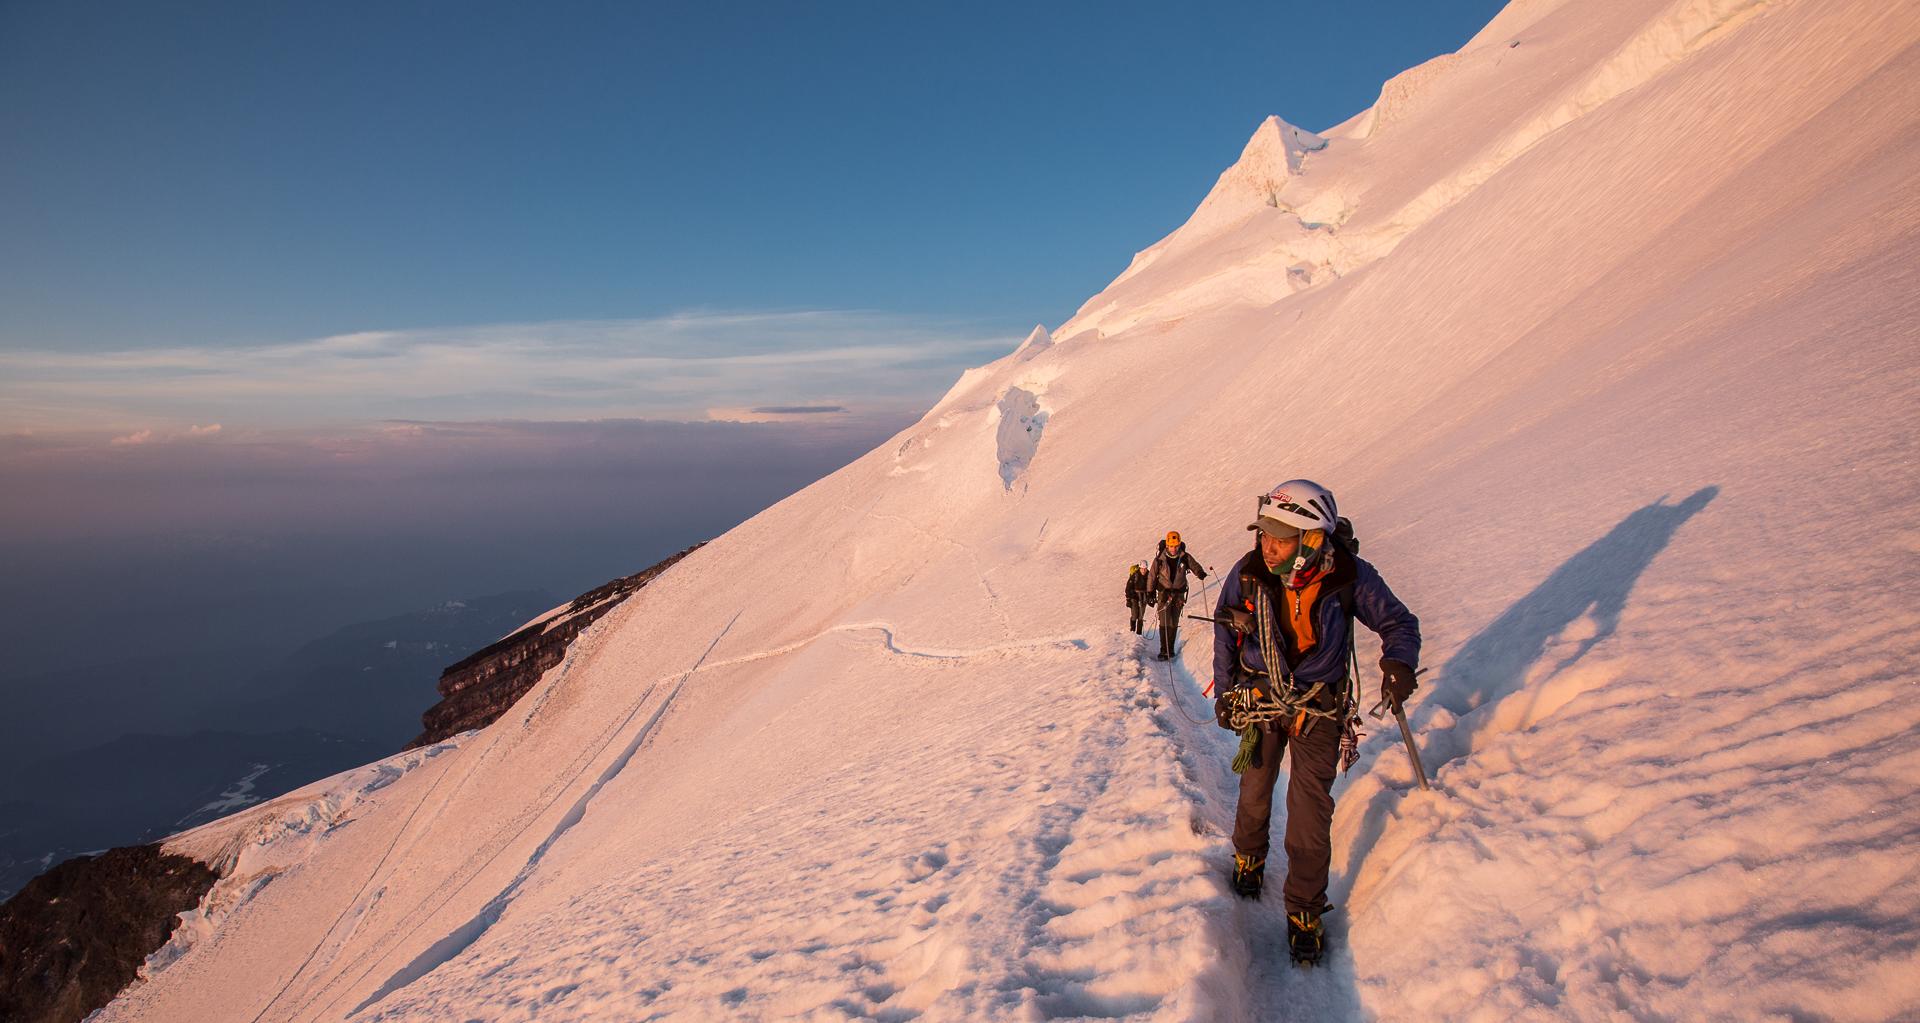 Lakpa Rita leads high on summit day after daybreak.  Photo by: Luke Humphrey